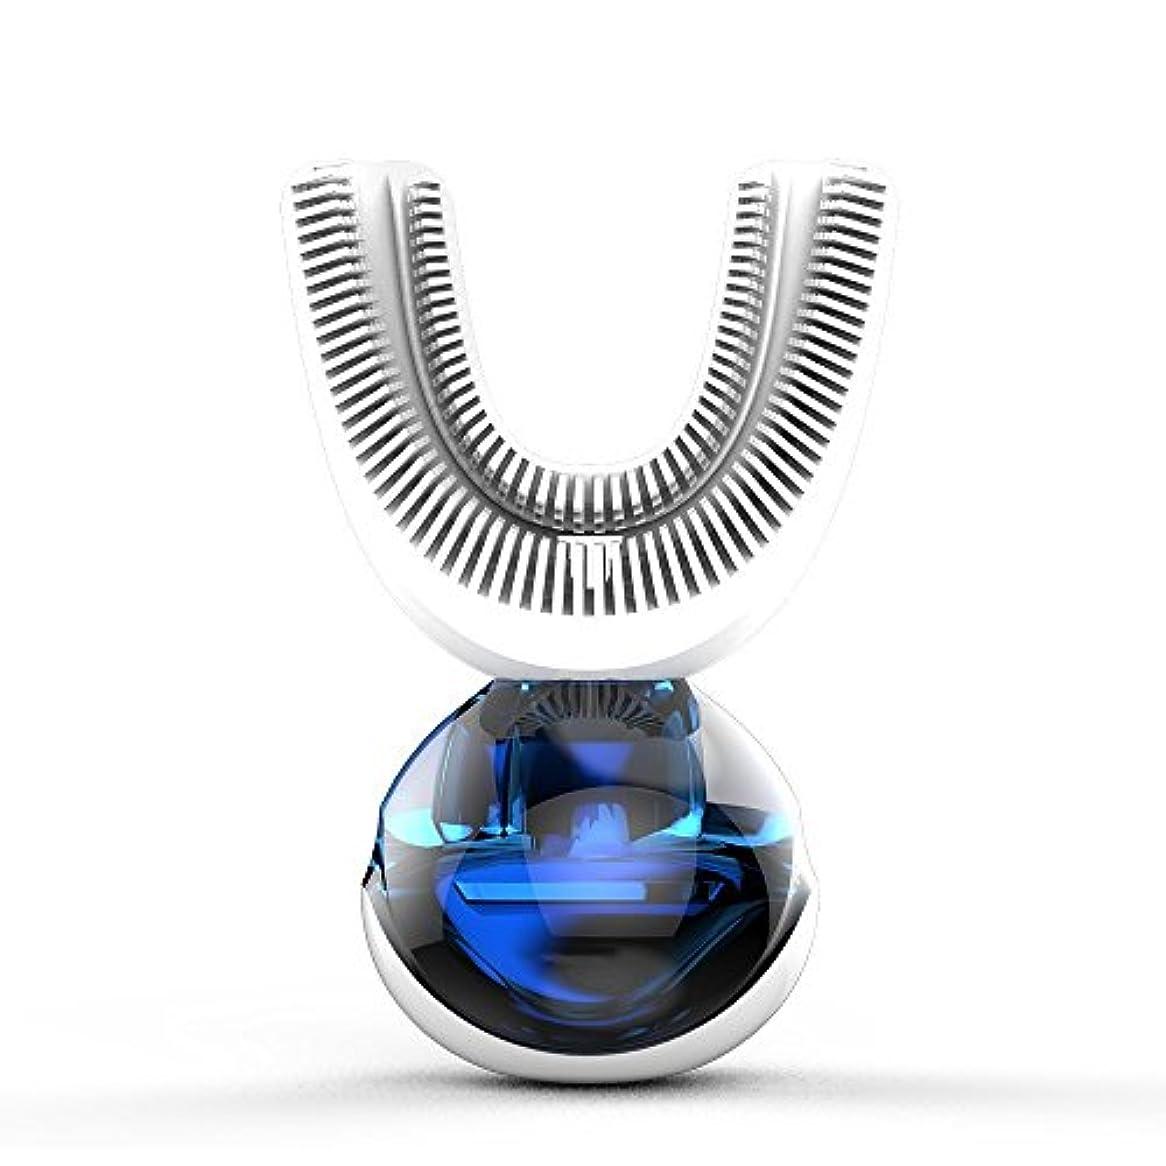 アダルト砂漠防腐剤フルオートマチック可変周波数電動歯ブラシ、自動360度U字型電動歯ブラシ、ワイヤレス充電IPX7防水自動歯ブラシ(大人用)